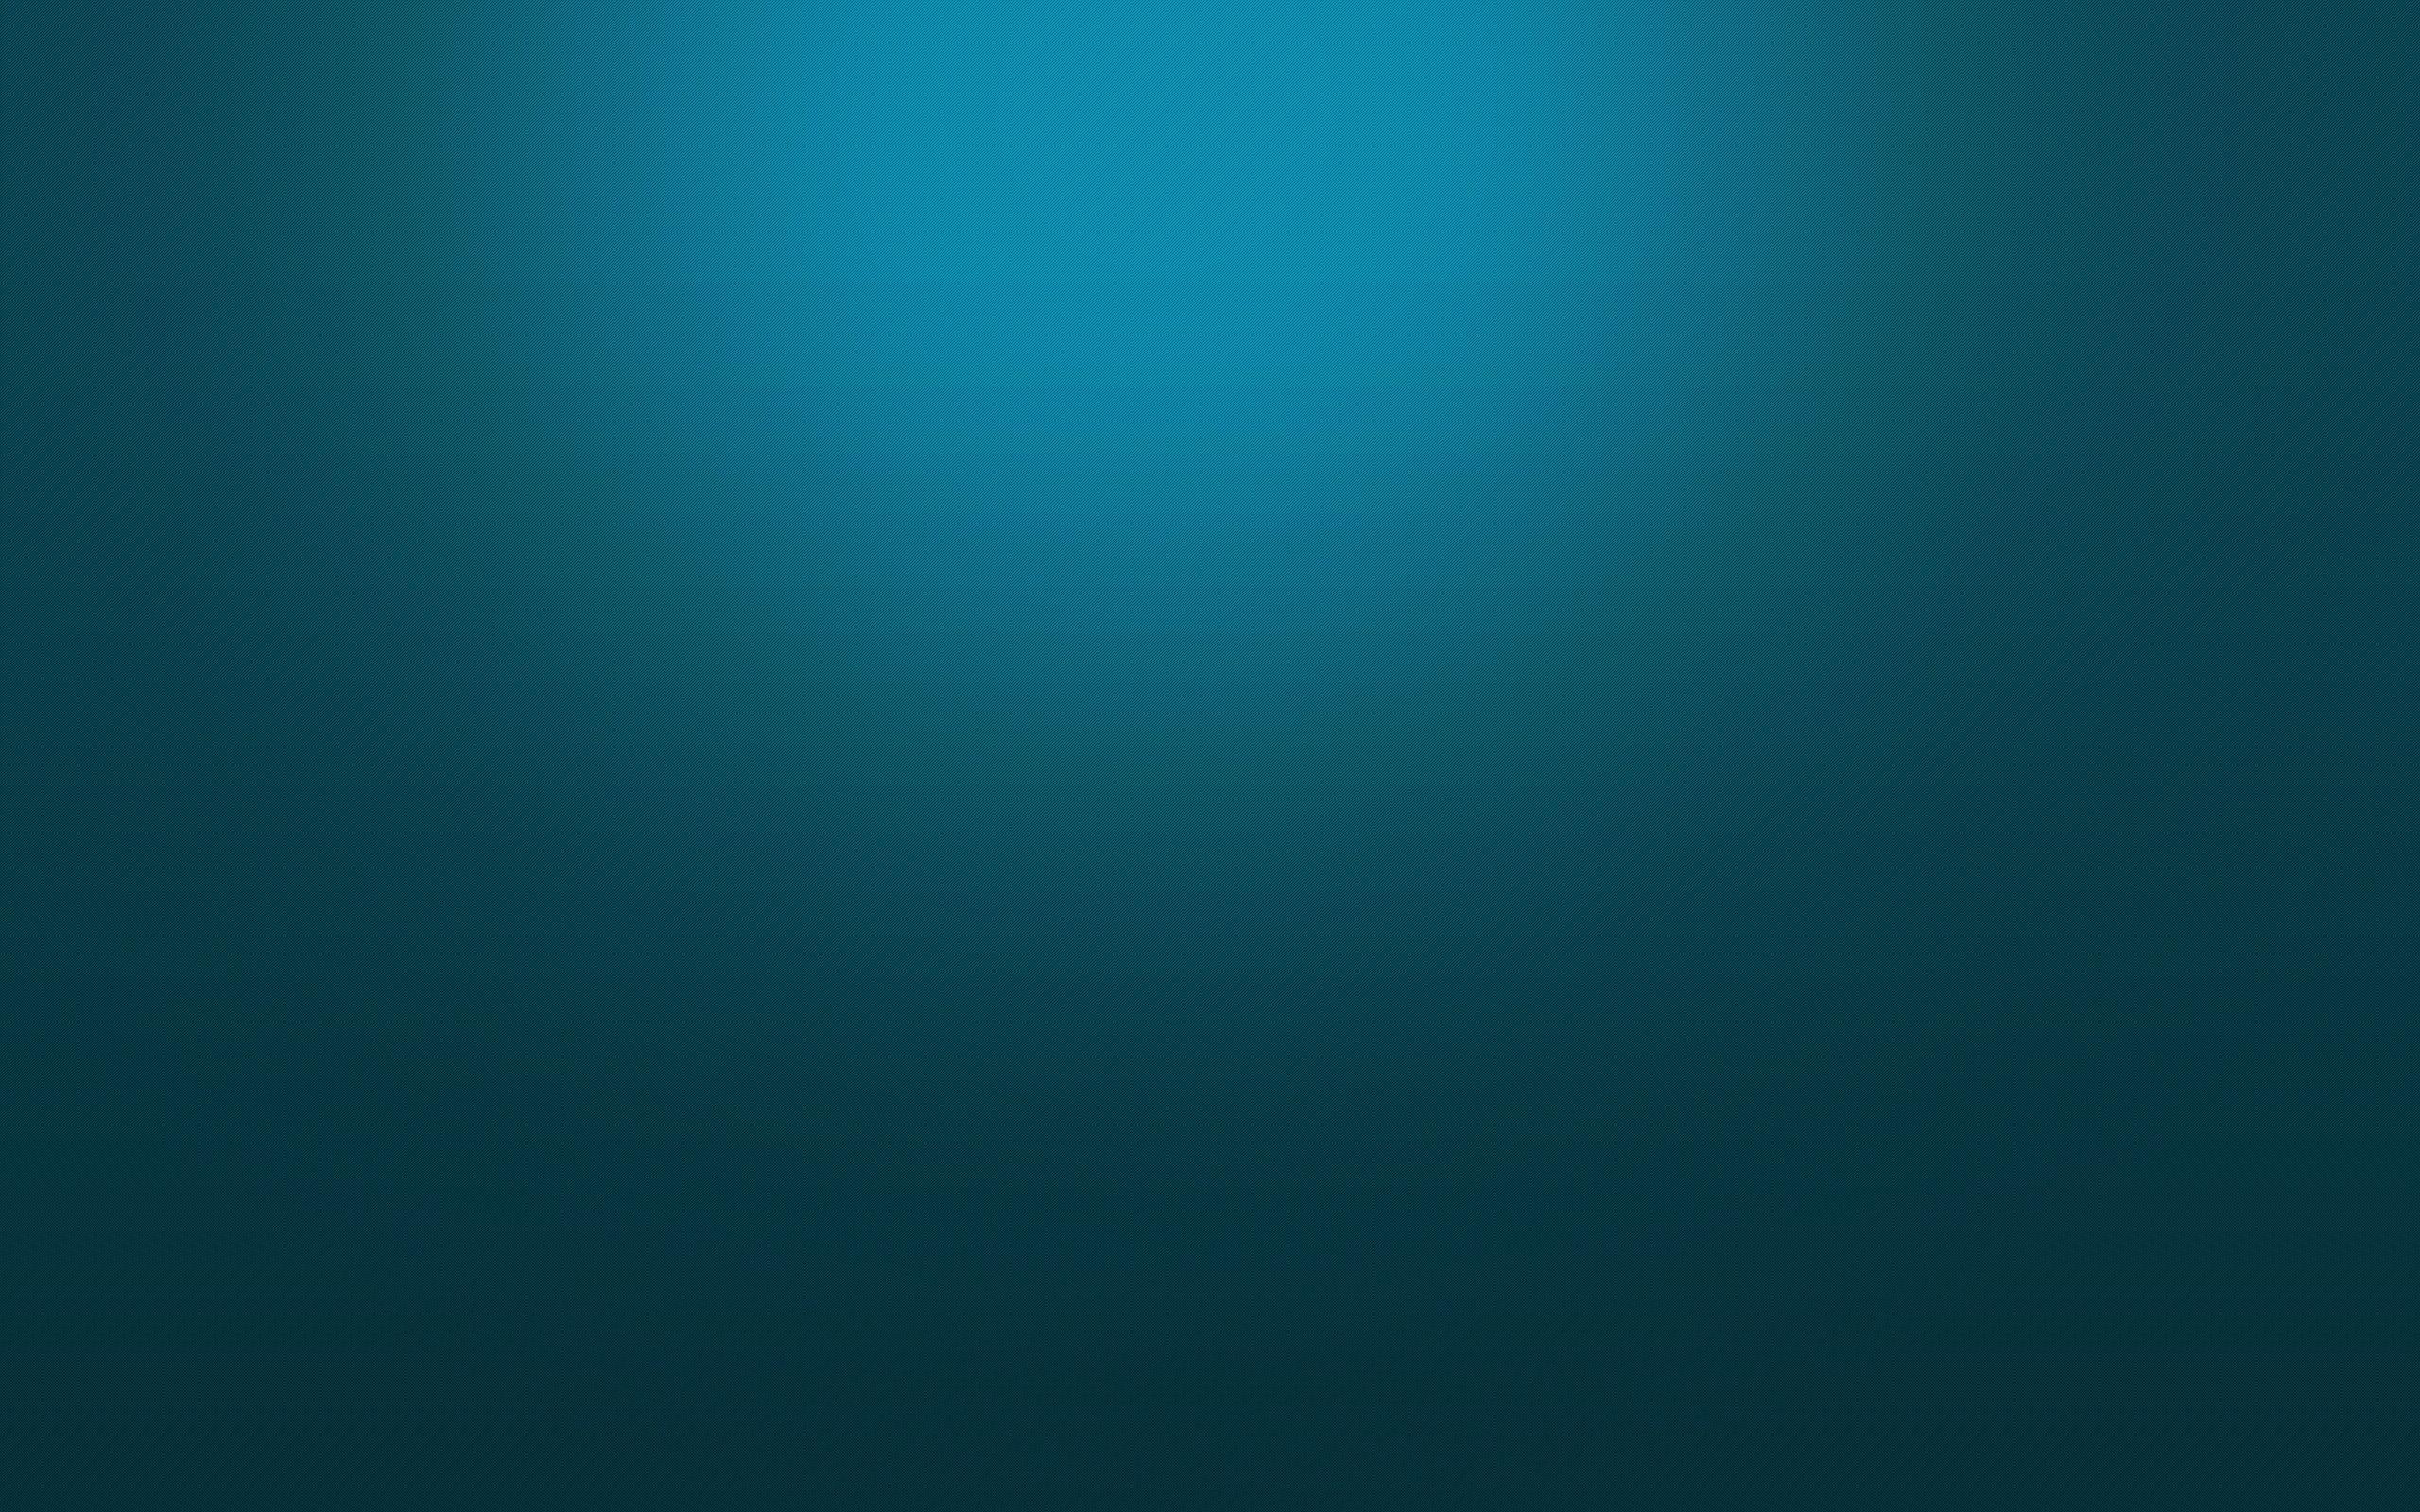 6837643solidcolorwallpaper.jpg (2560×1600) Sherwin